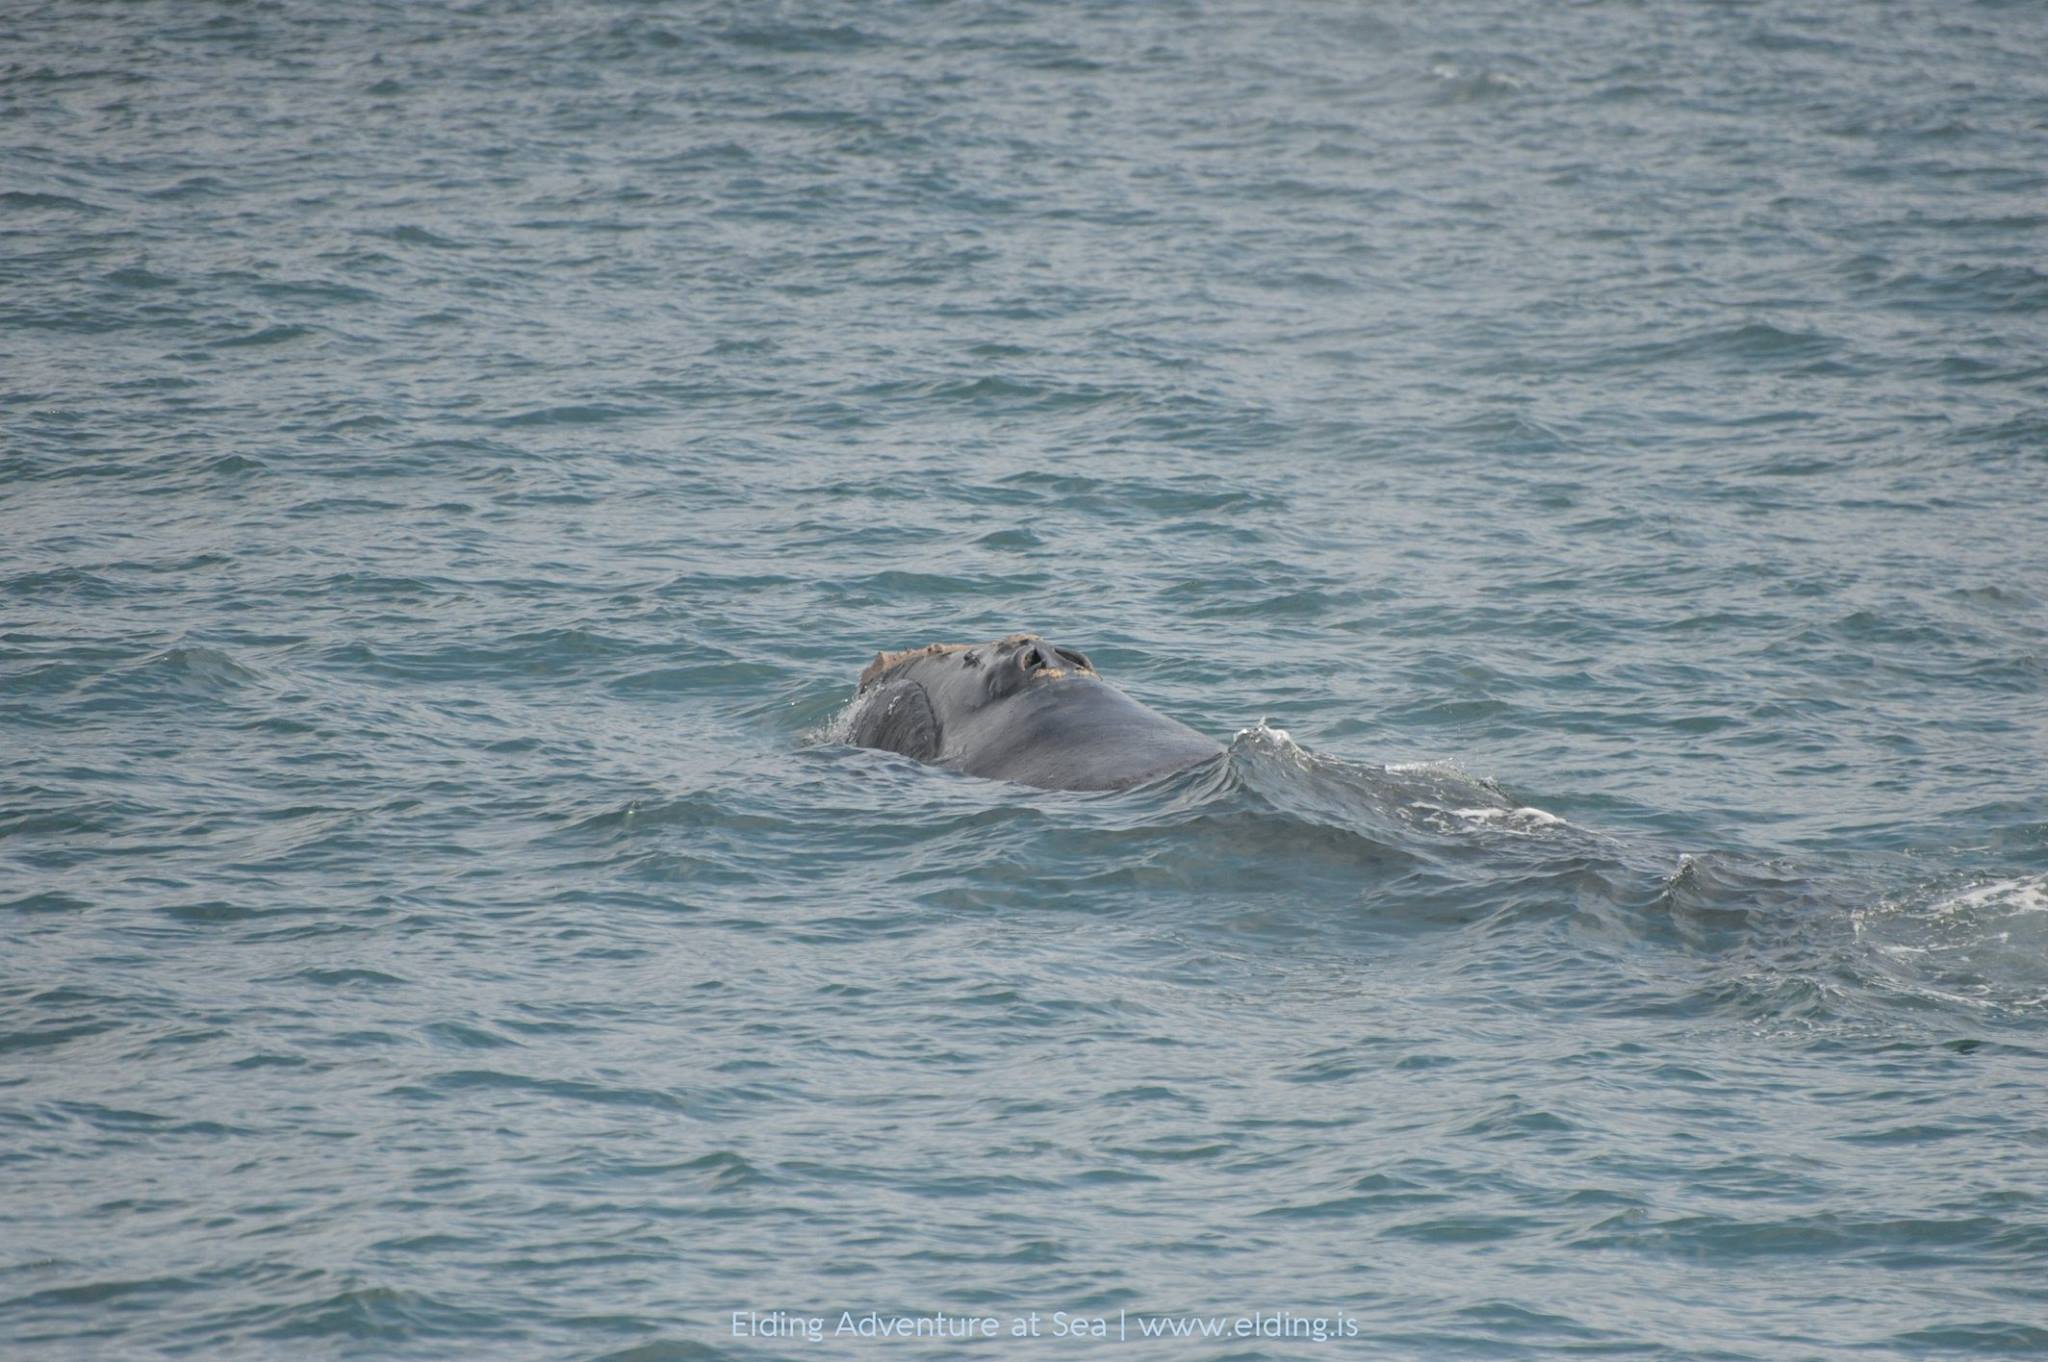 Photo: Elding Whale Watching Reykjavik / Guðlaugur Ottesen Karlsson